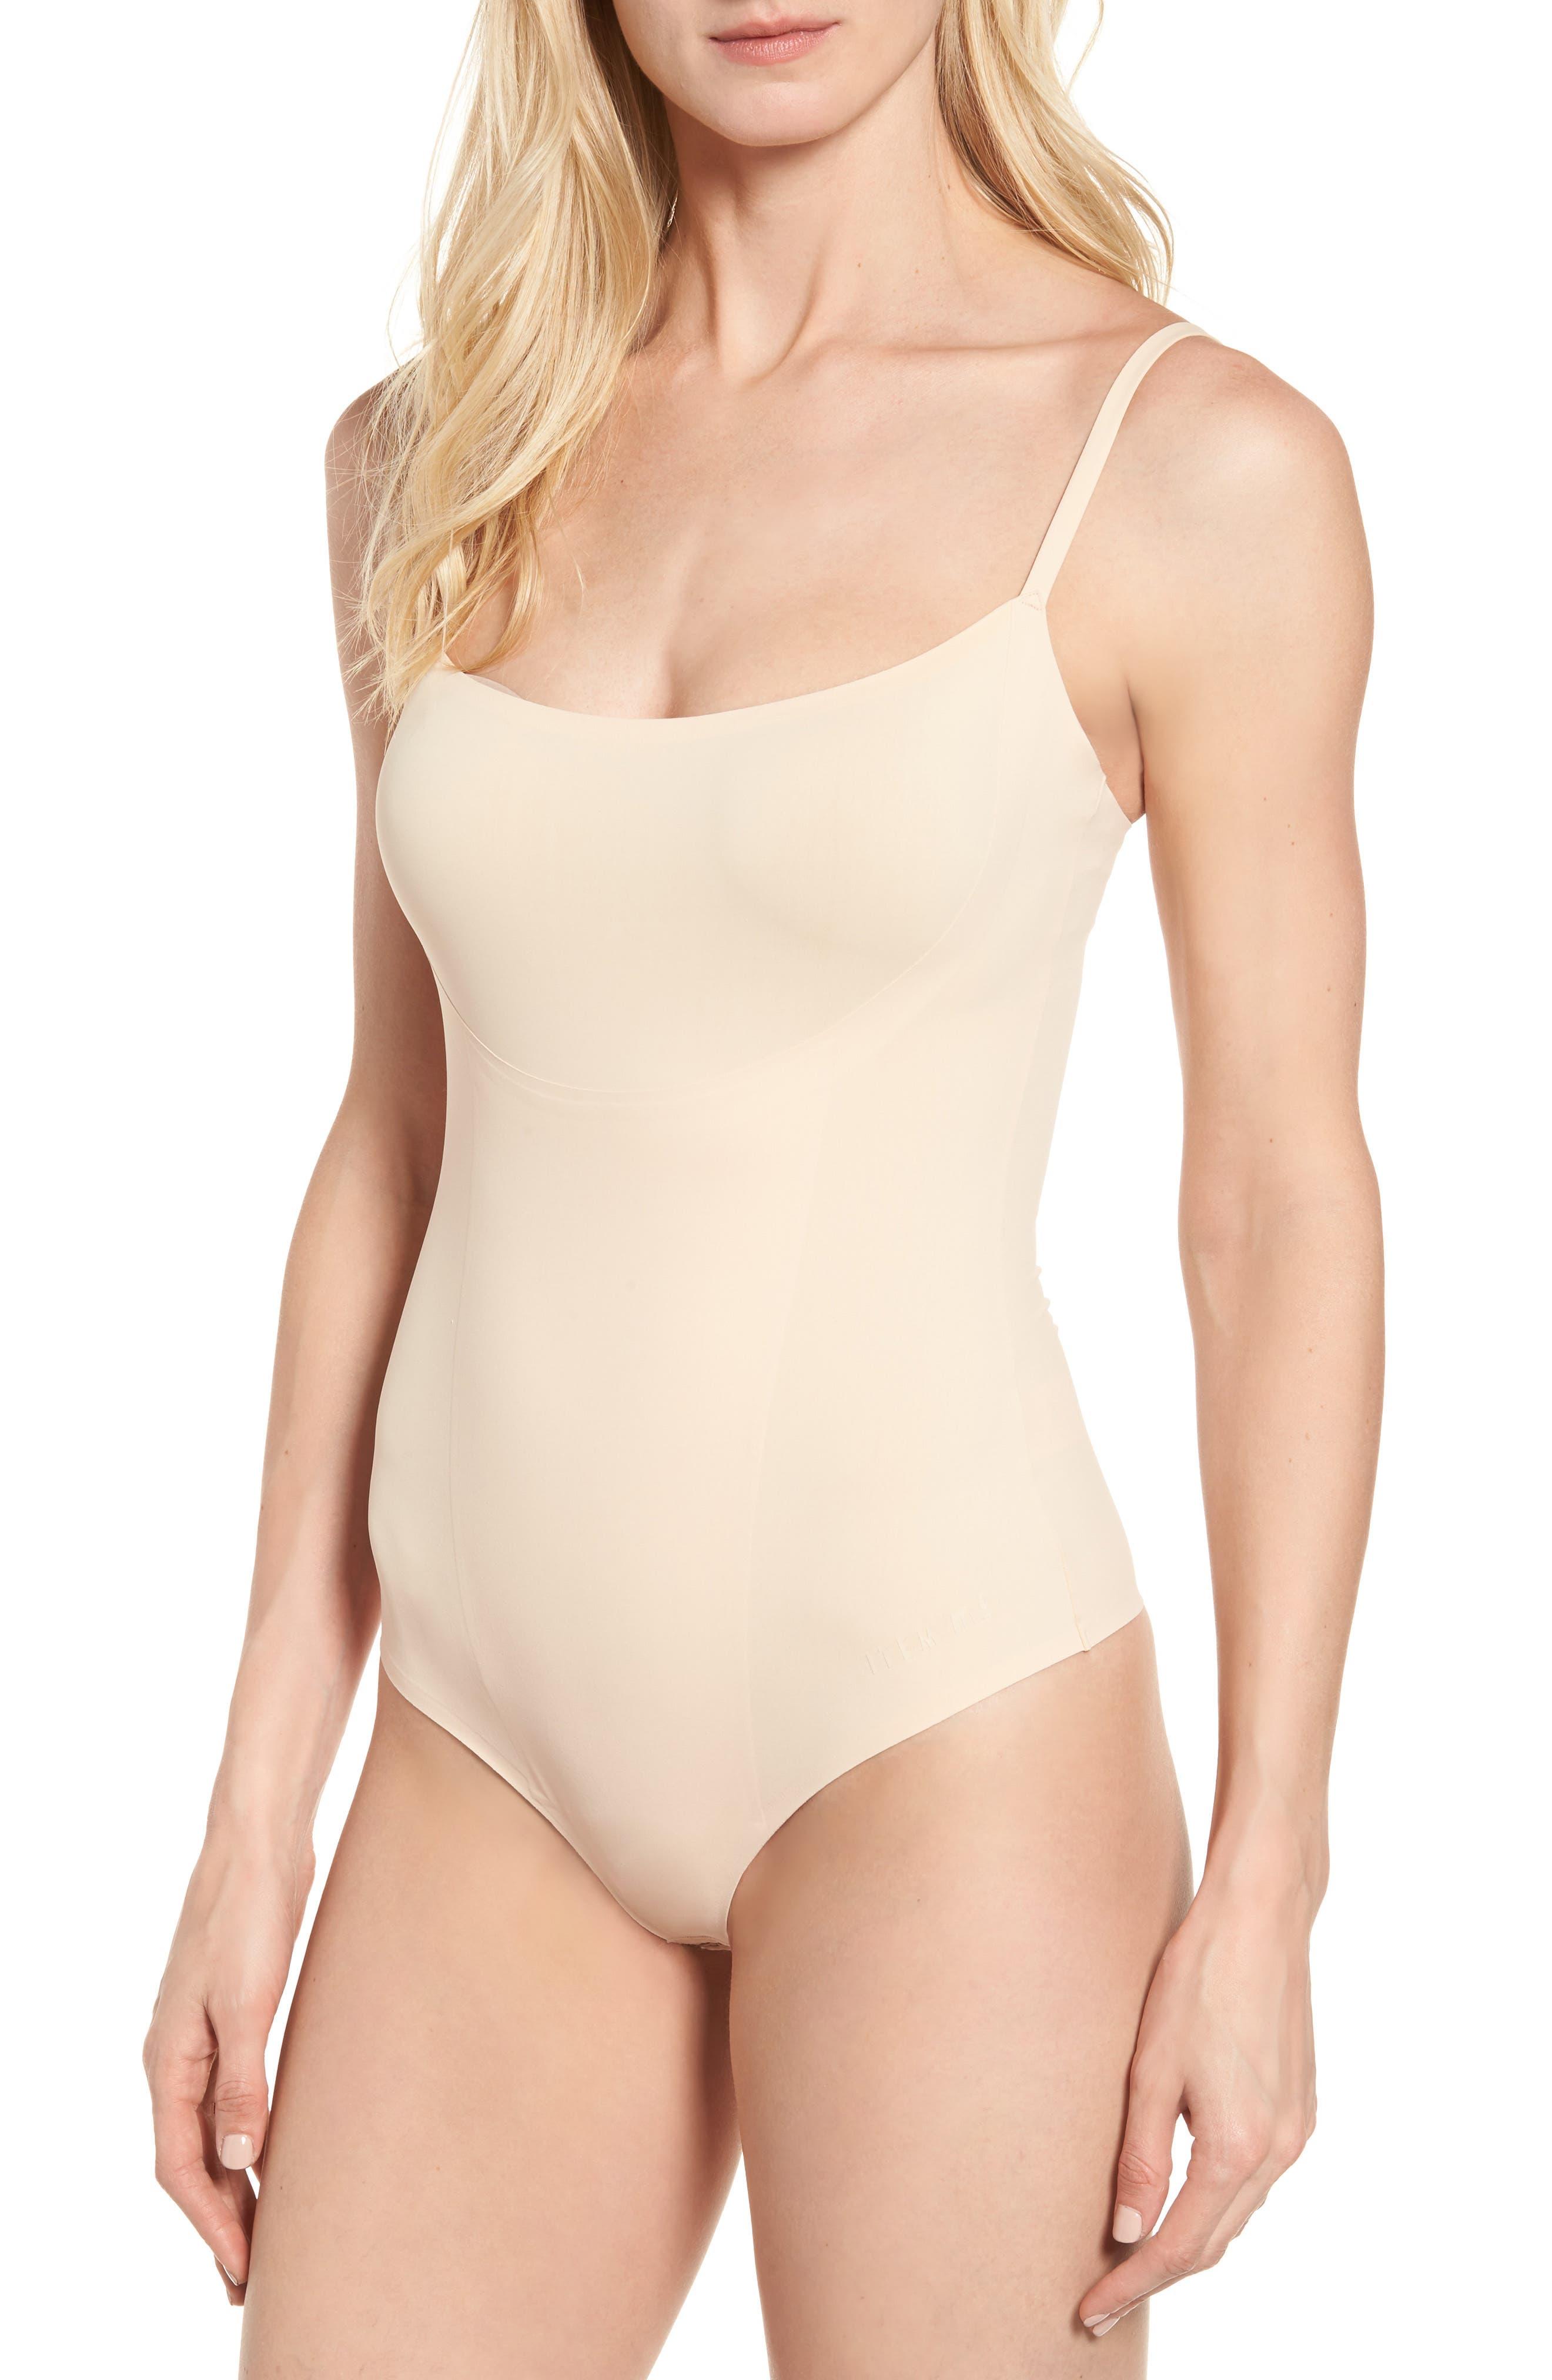 Main Image - ITEM m6 Shaping Thong Bodysuit